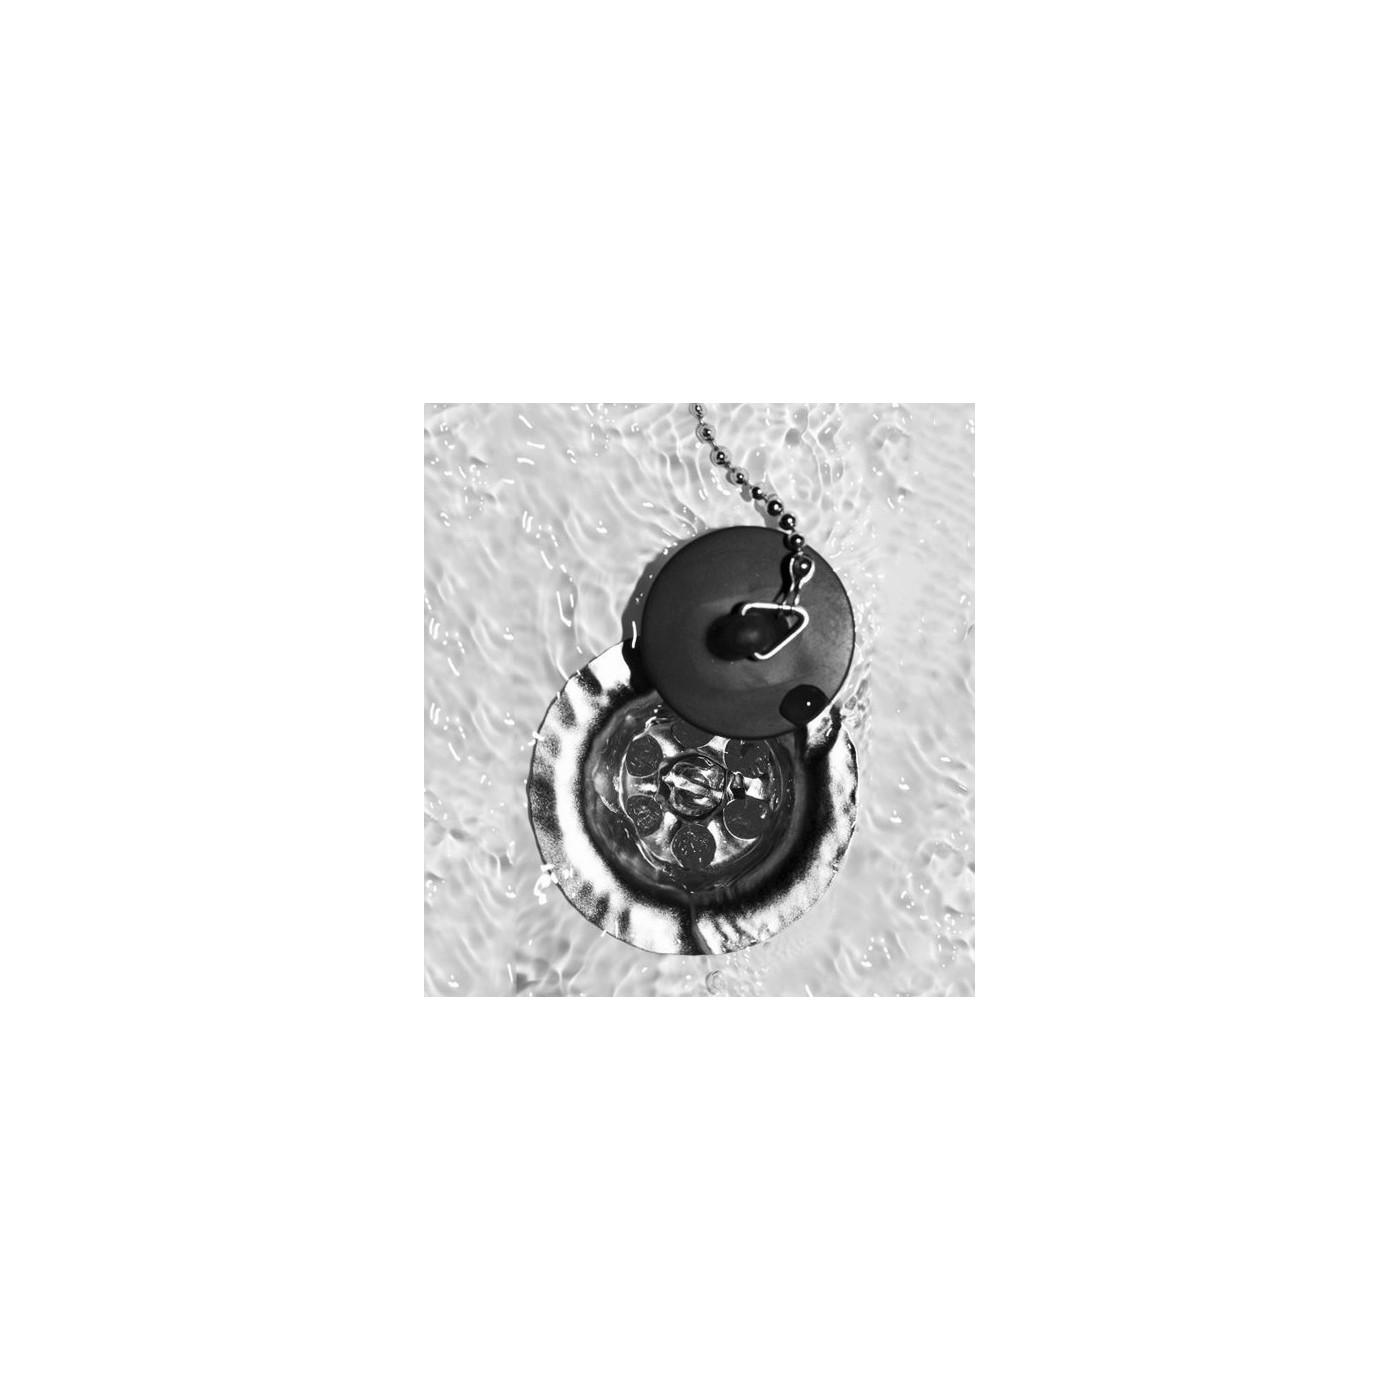 Jeu de 6 bouchons de vidange en caoutchouc (44 mm, noir) avec